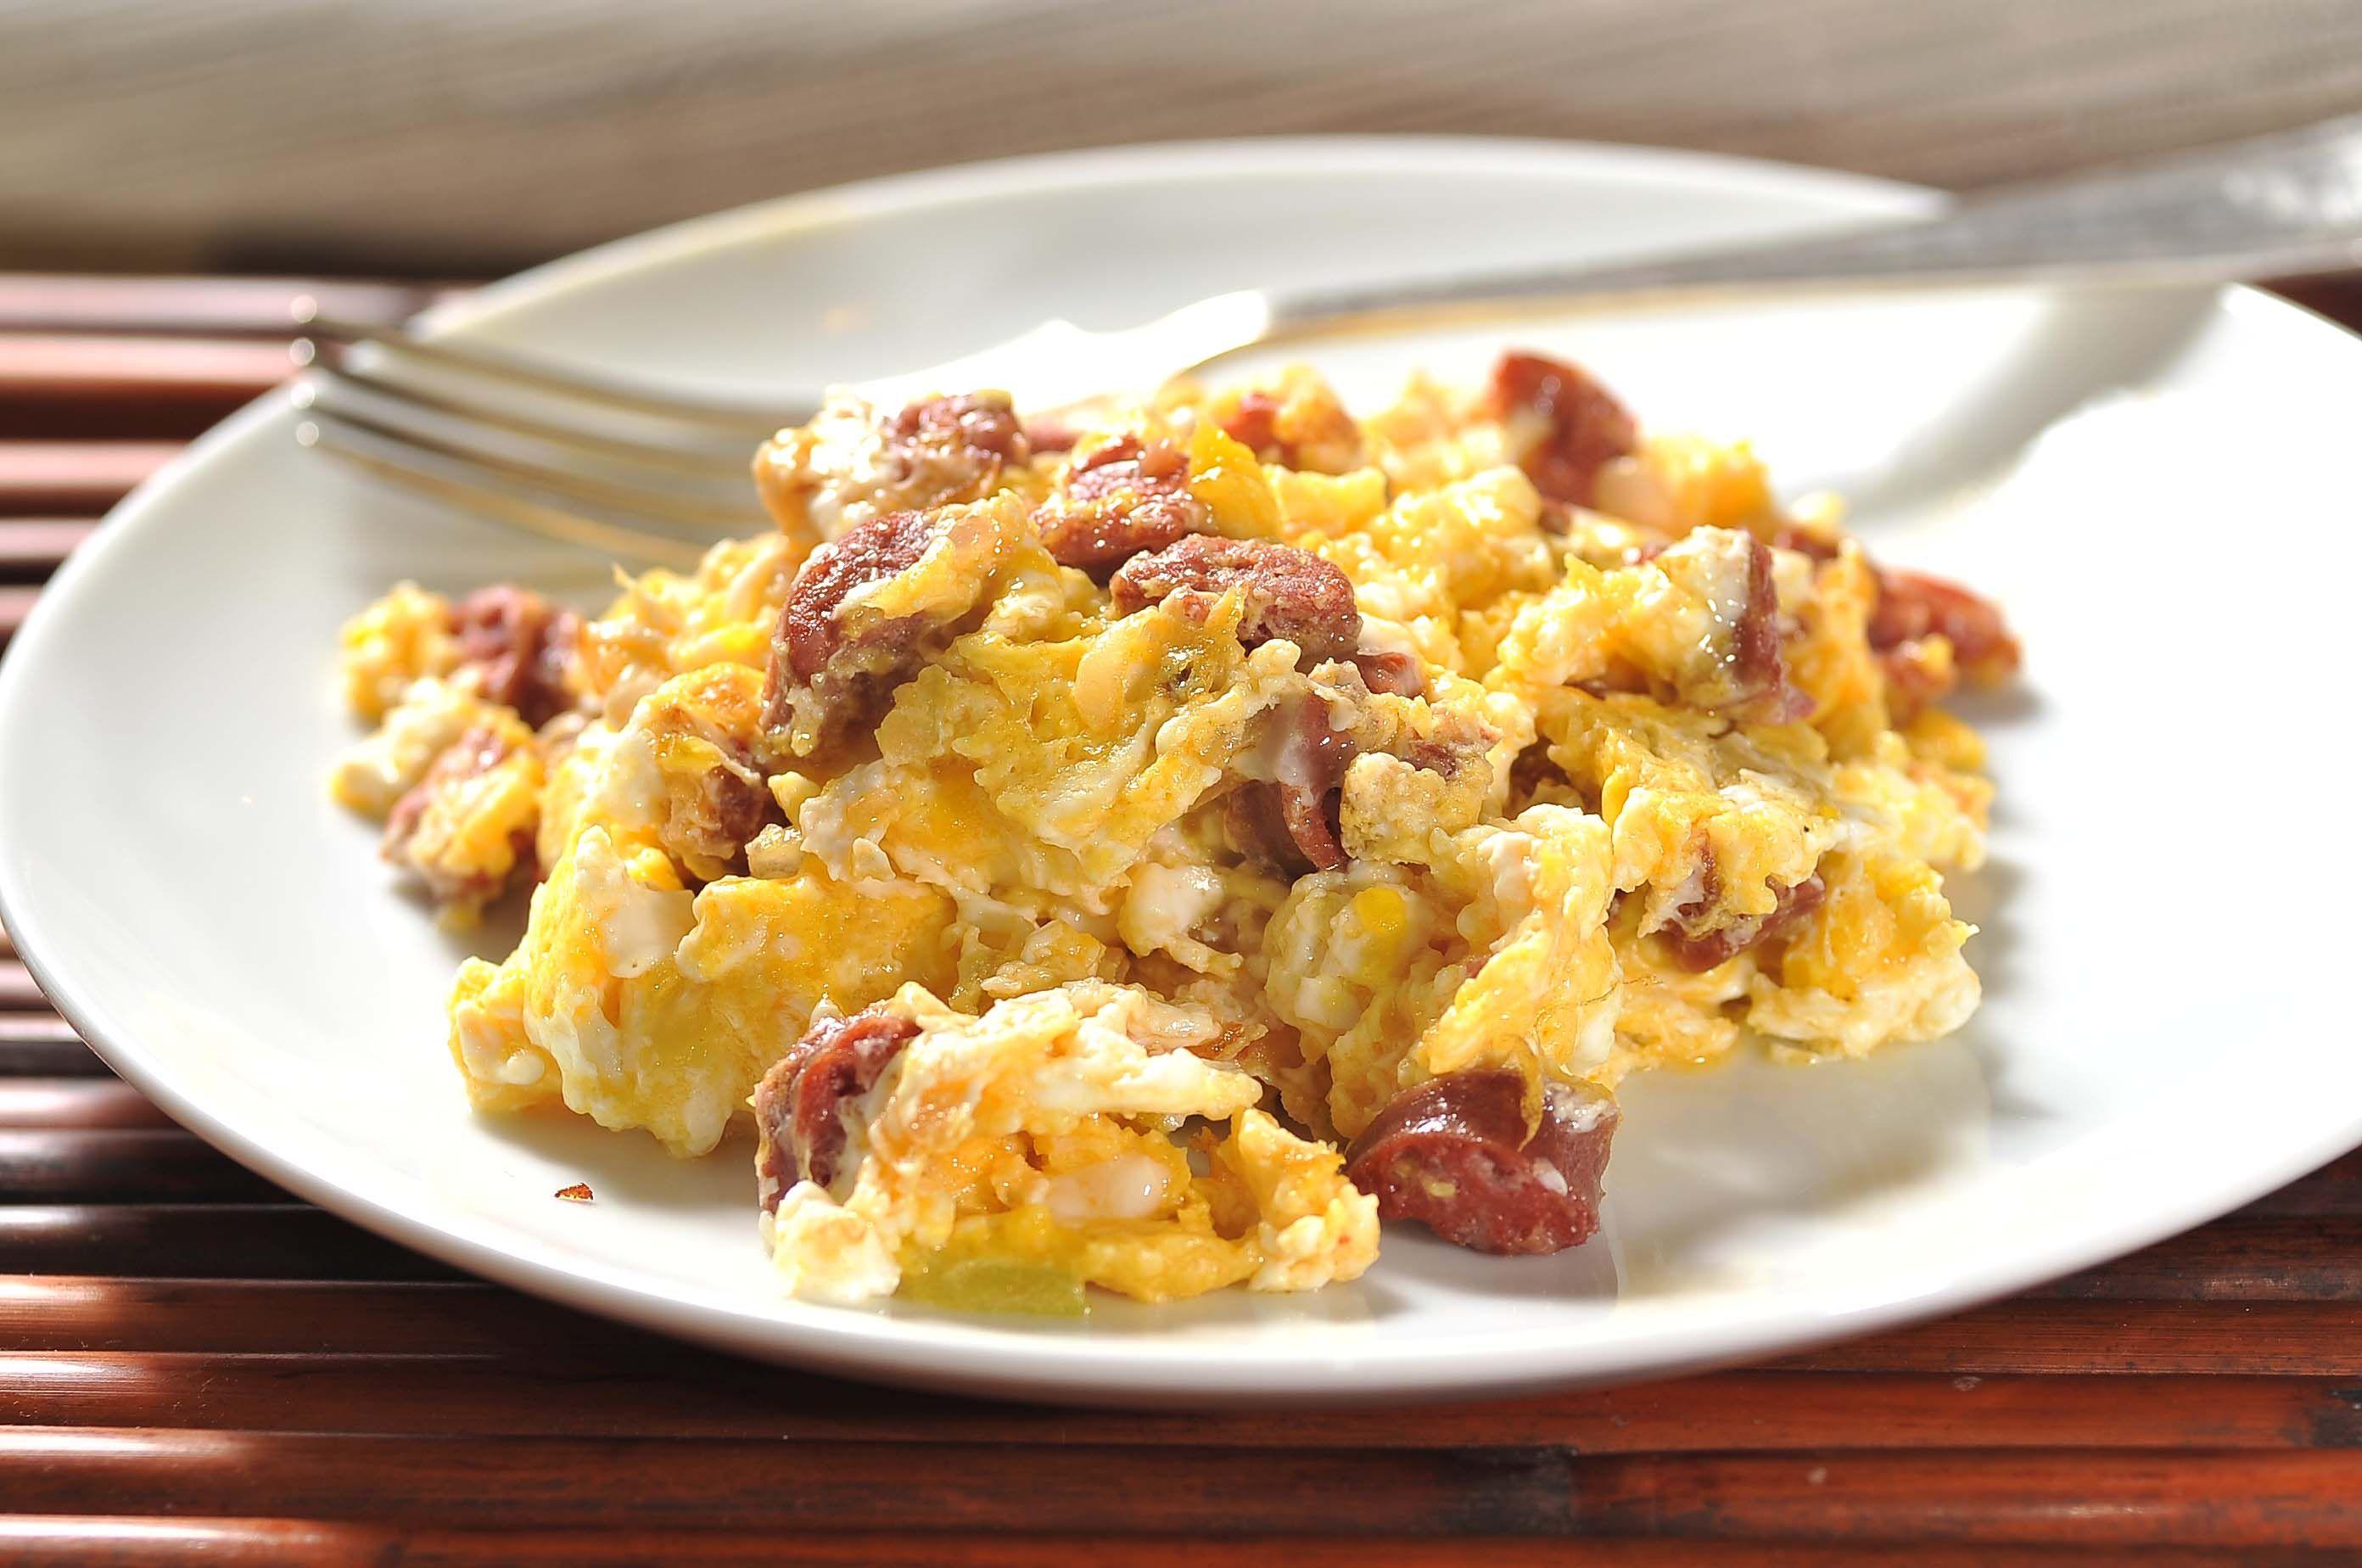 Huevos con chorizo. Cocina y Comparte  © Fotógrafo: Cortesía Alurochi